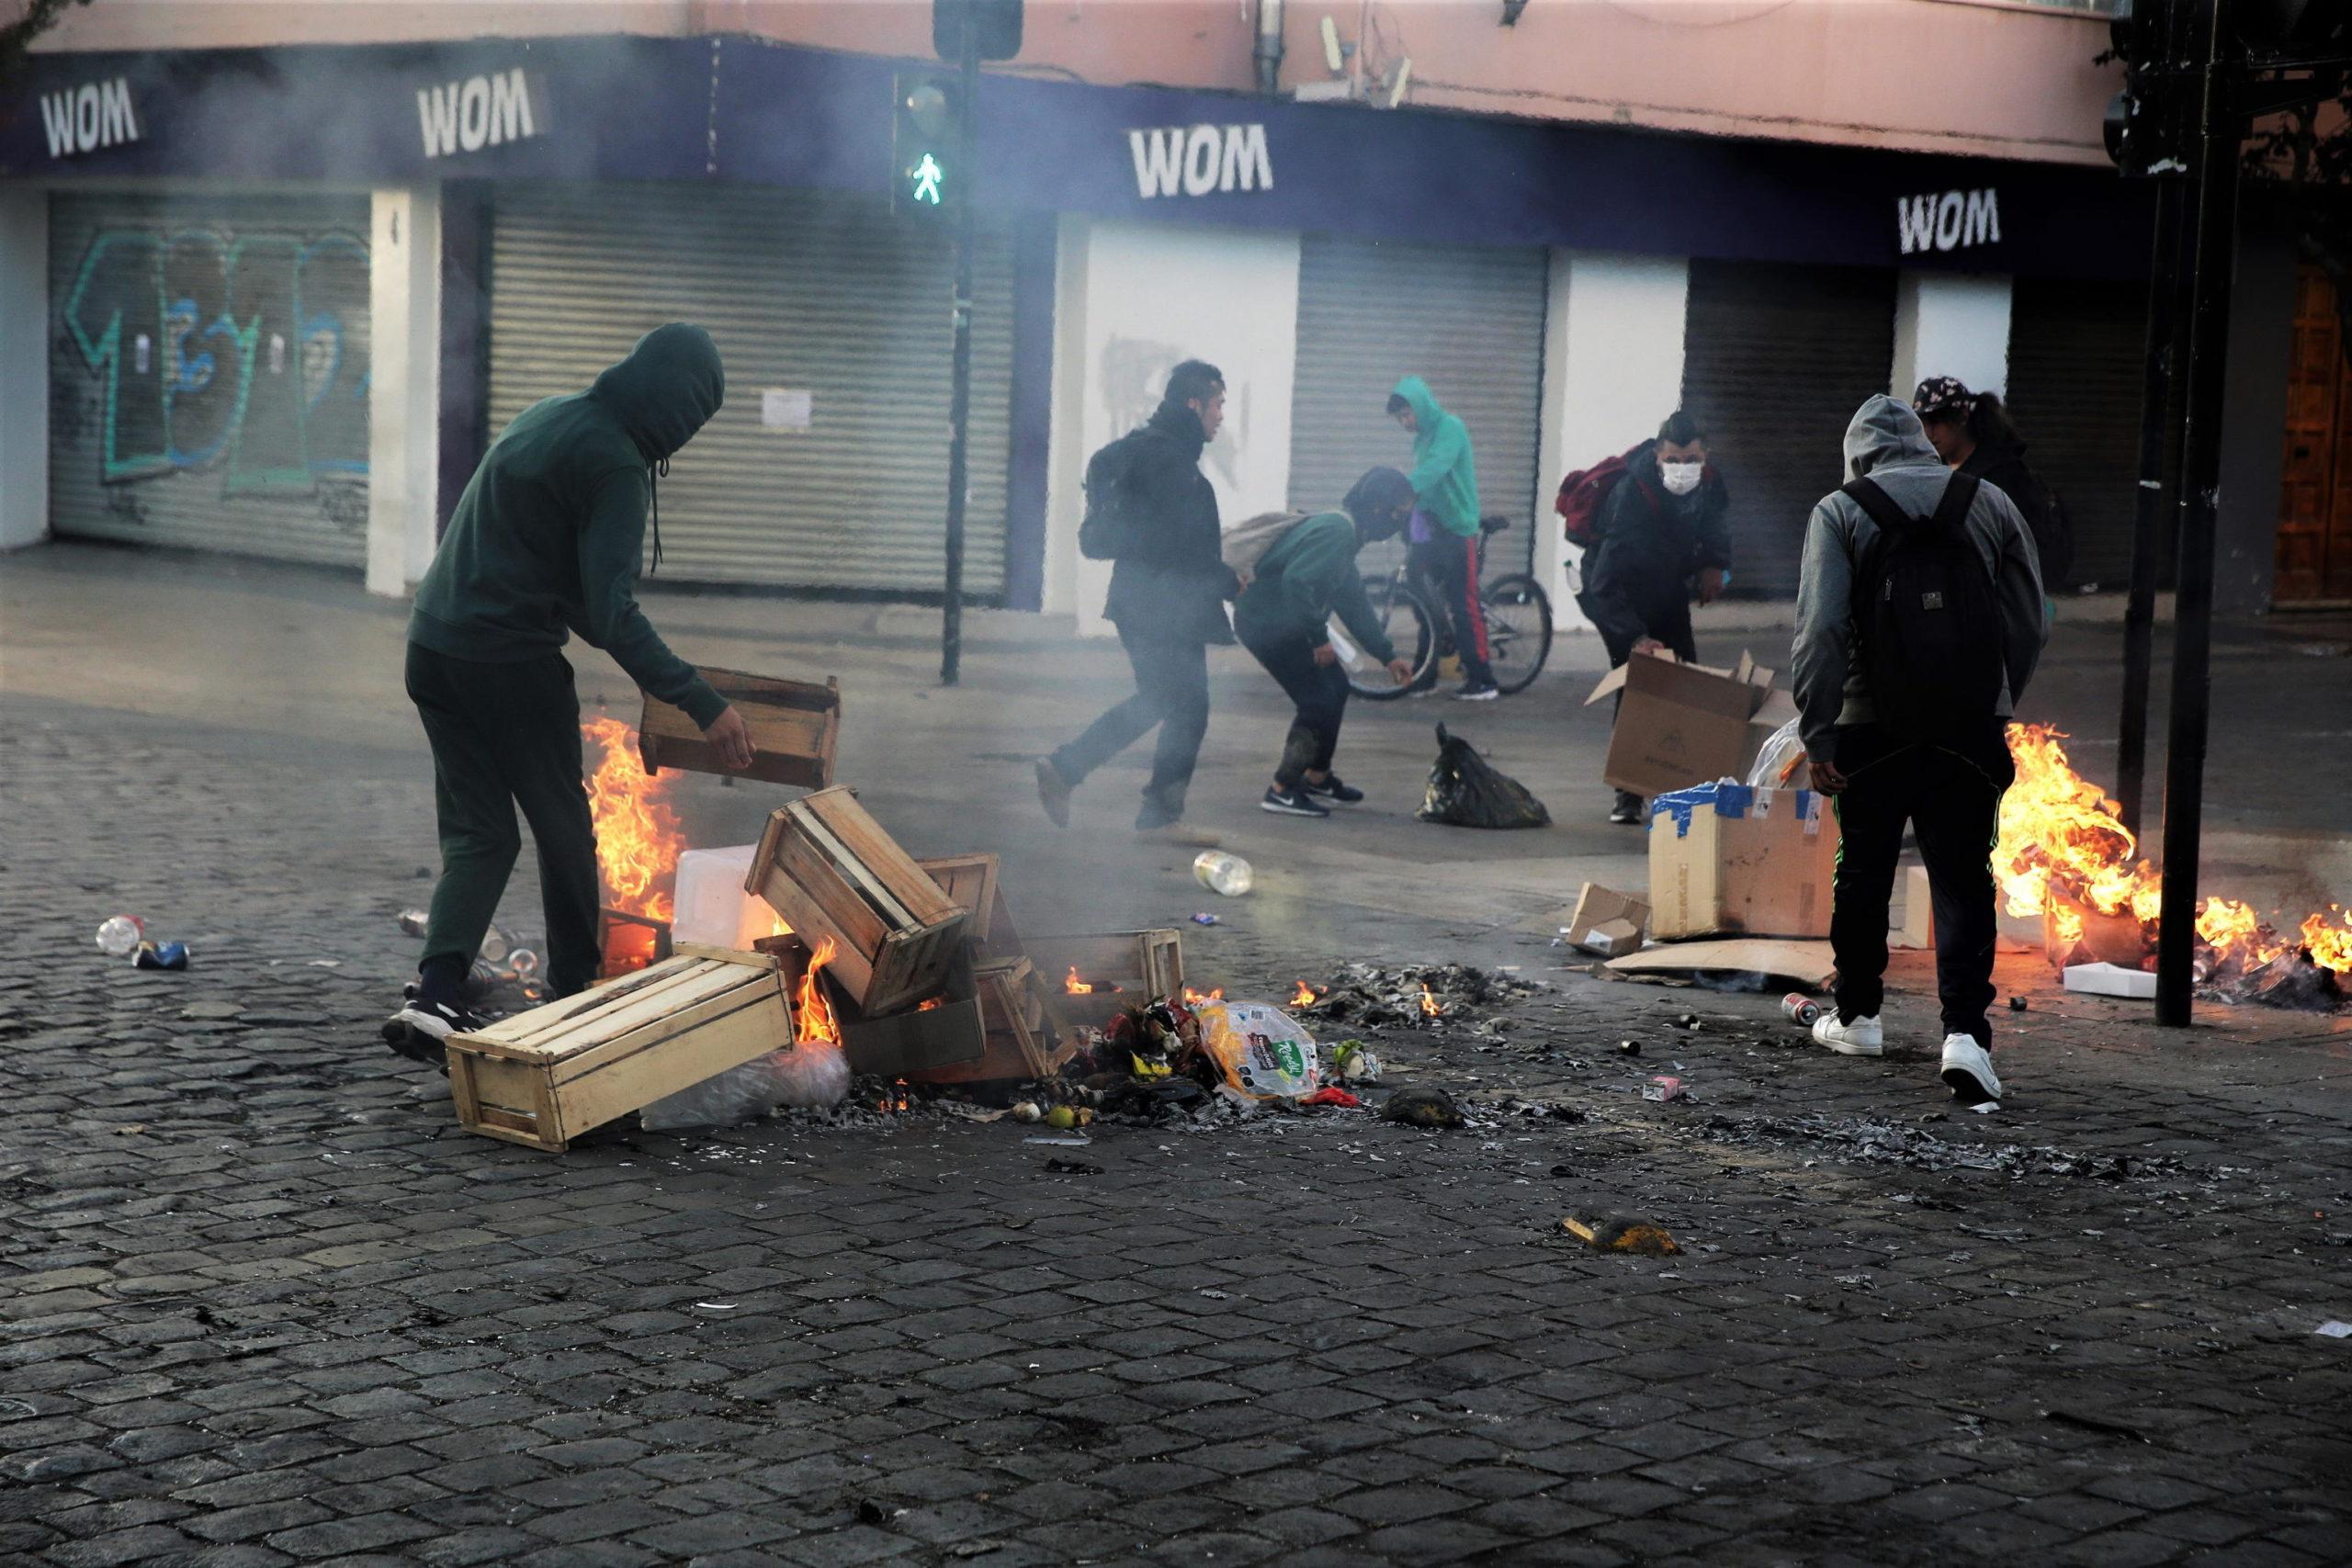 Cittadini in rivolta danno fuoco a casse di legno e altri oggetti